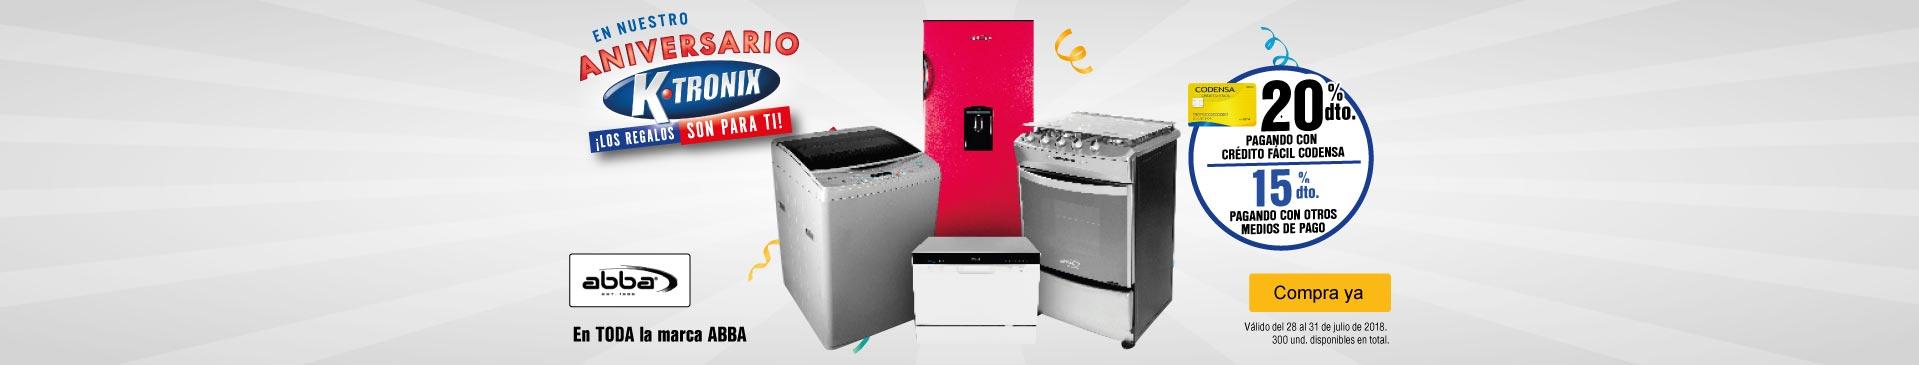 Cocina ktronix tienda online for Productos cocina online